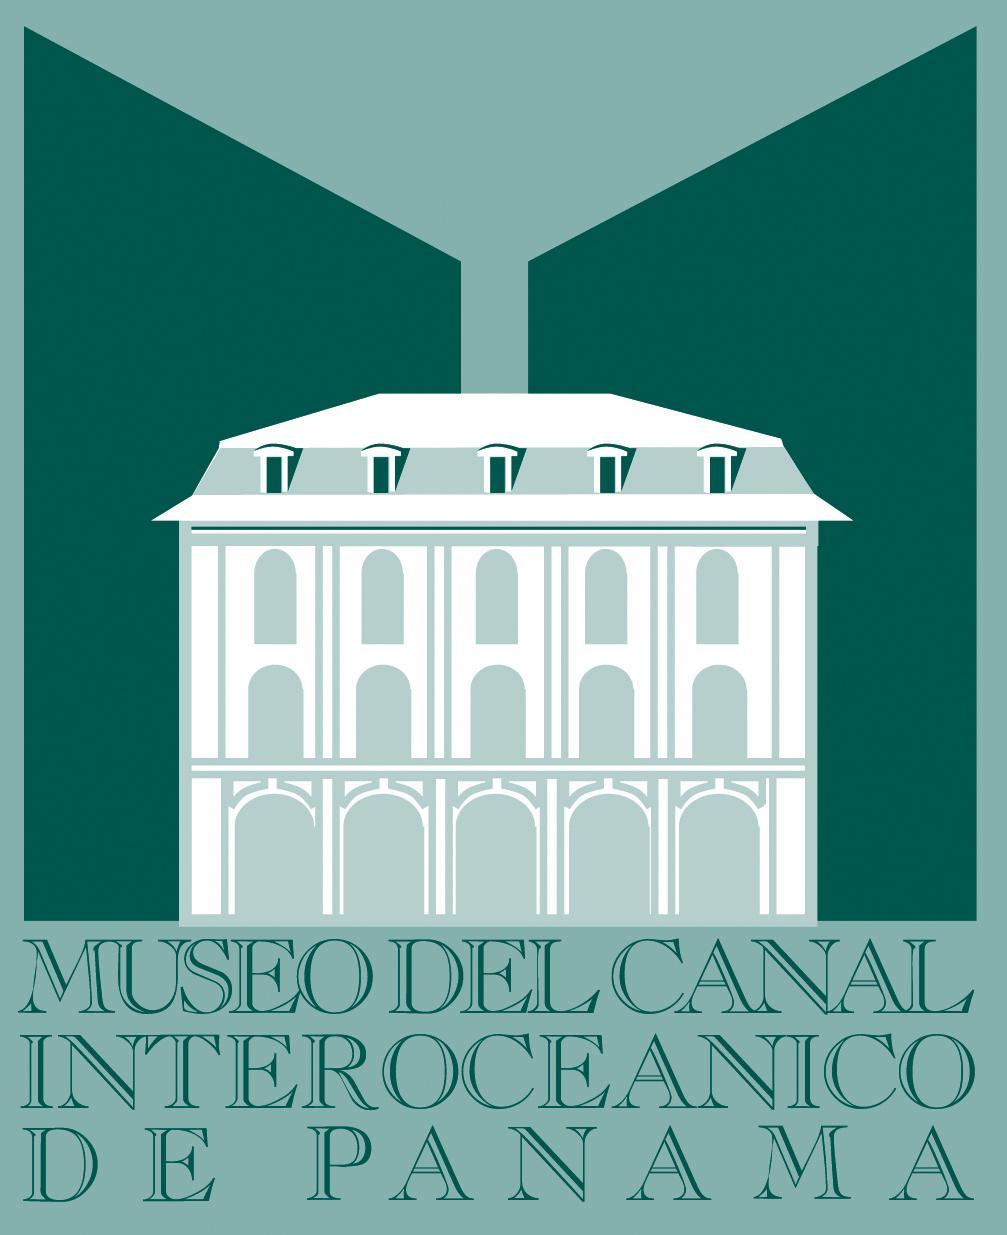 Museo del Canal Interoceánico de Panamá logo